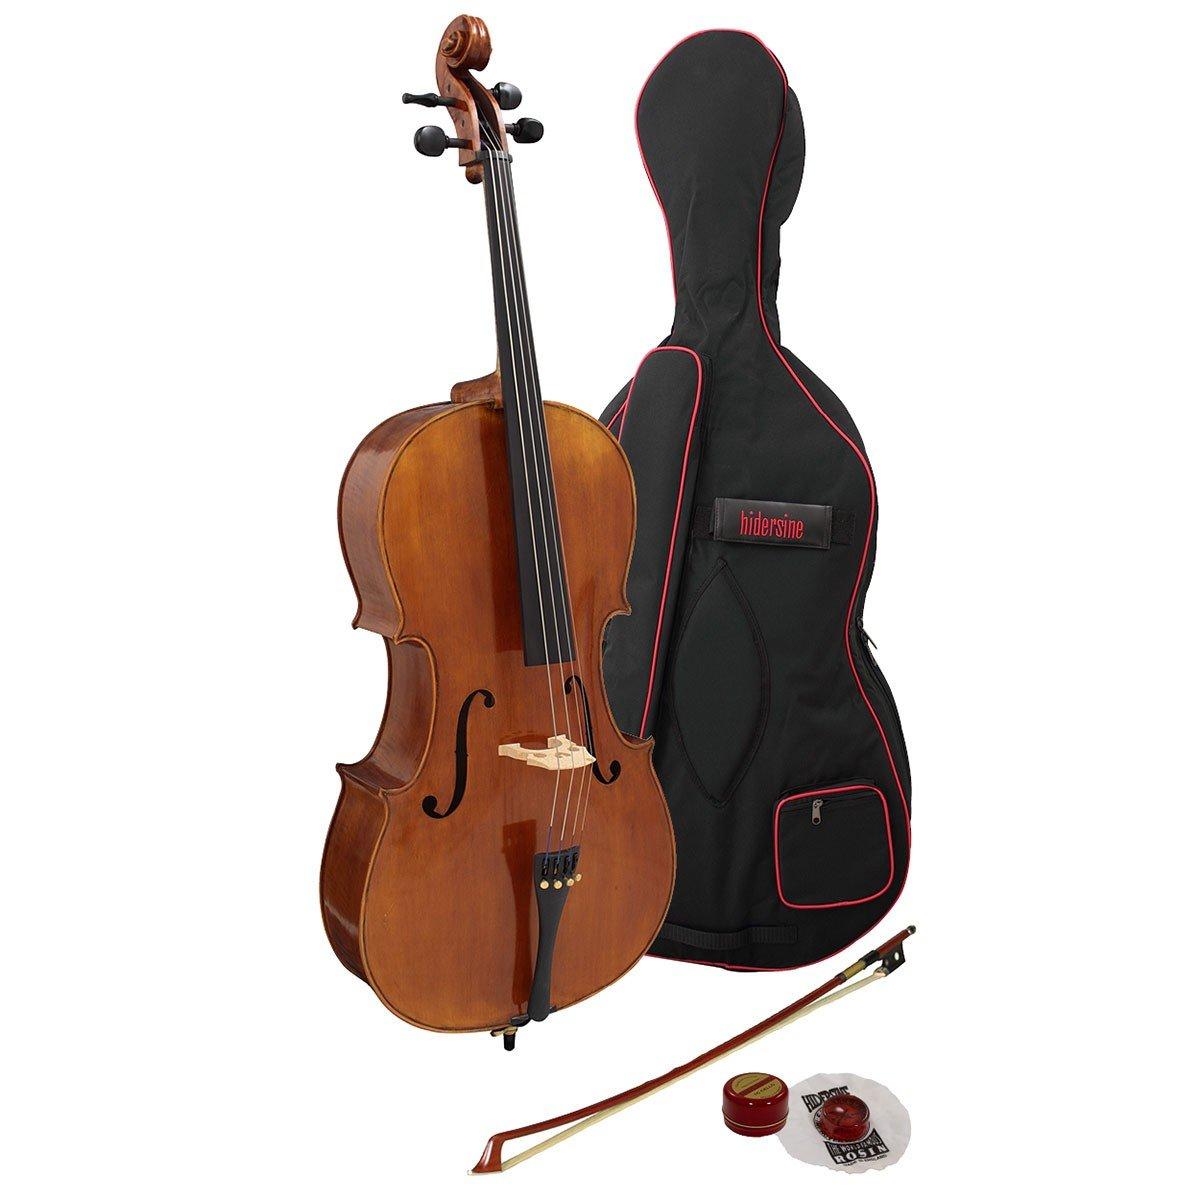 Hidersine Cello Veracini